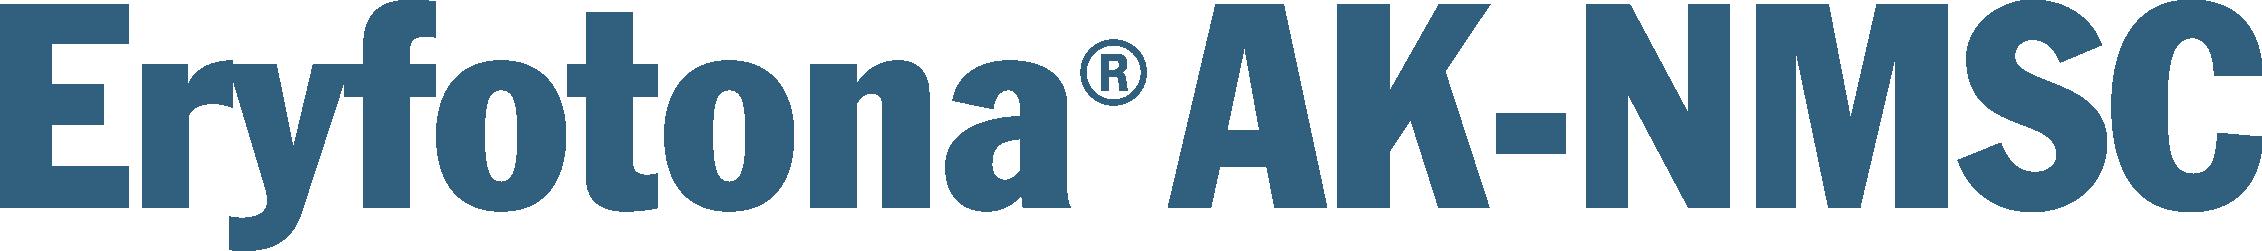 Eryfotona AK NMSC logo